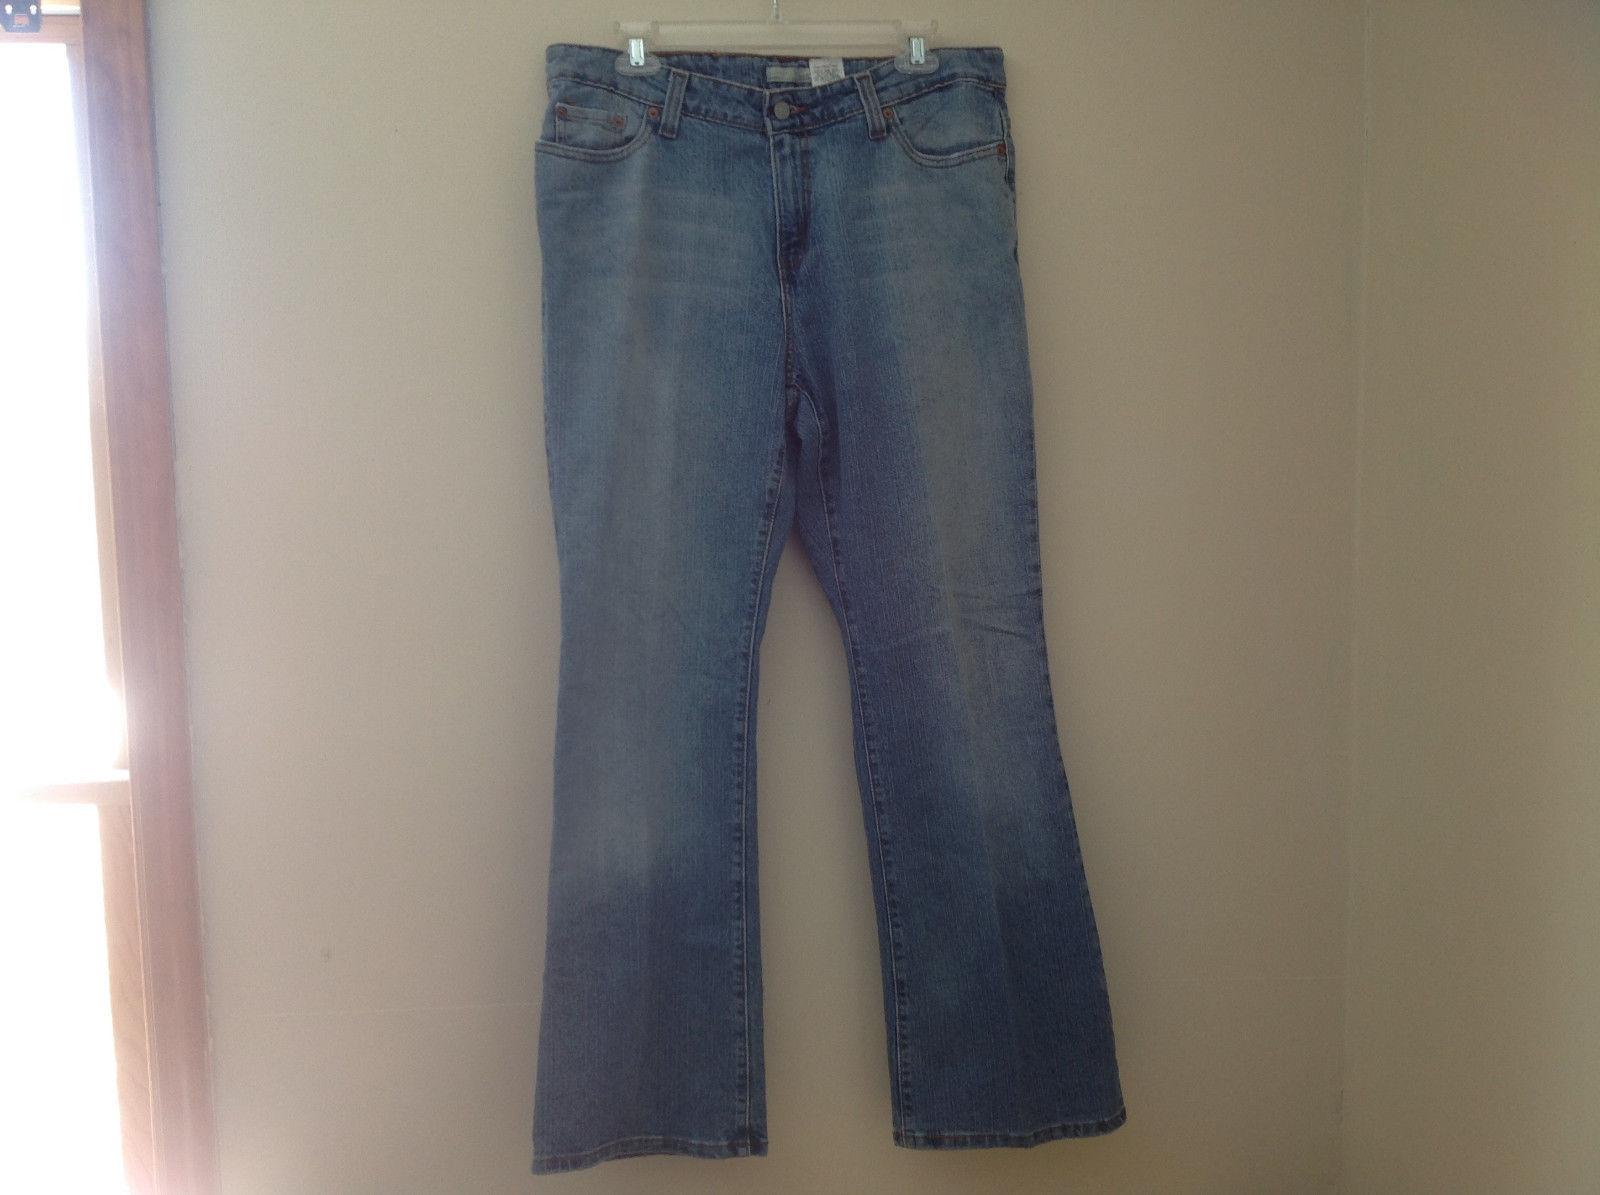 Boot Cut Levis Blue Jean Lighter Wash 5 Pocket Button Zipper Closure Size 16M